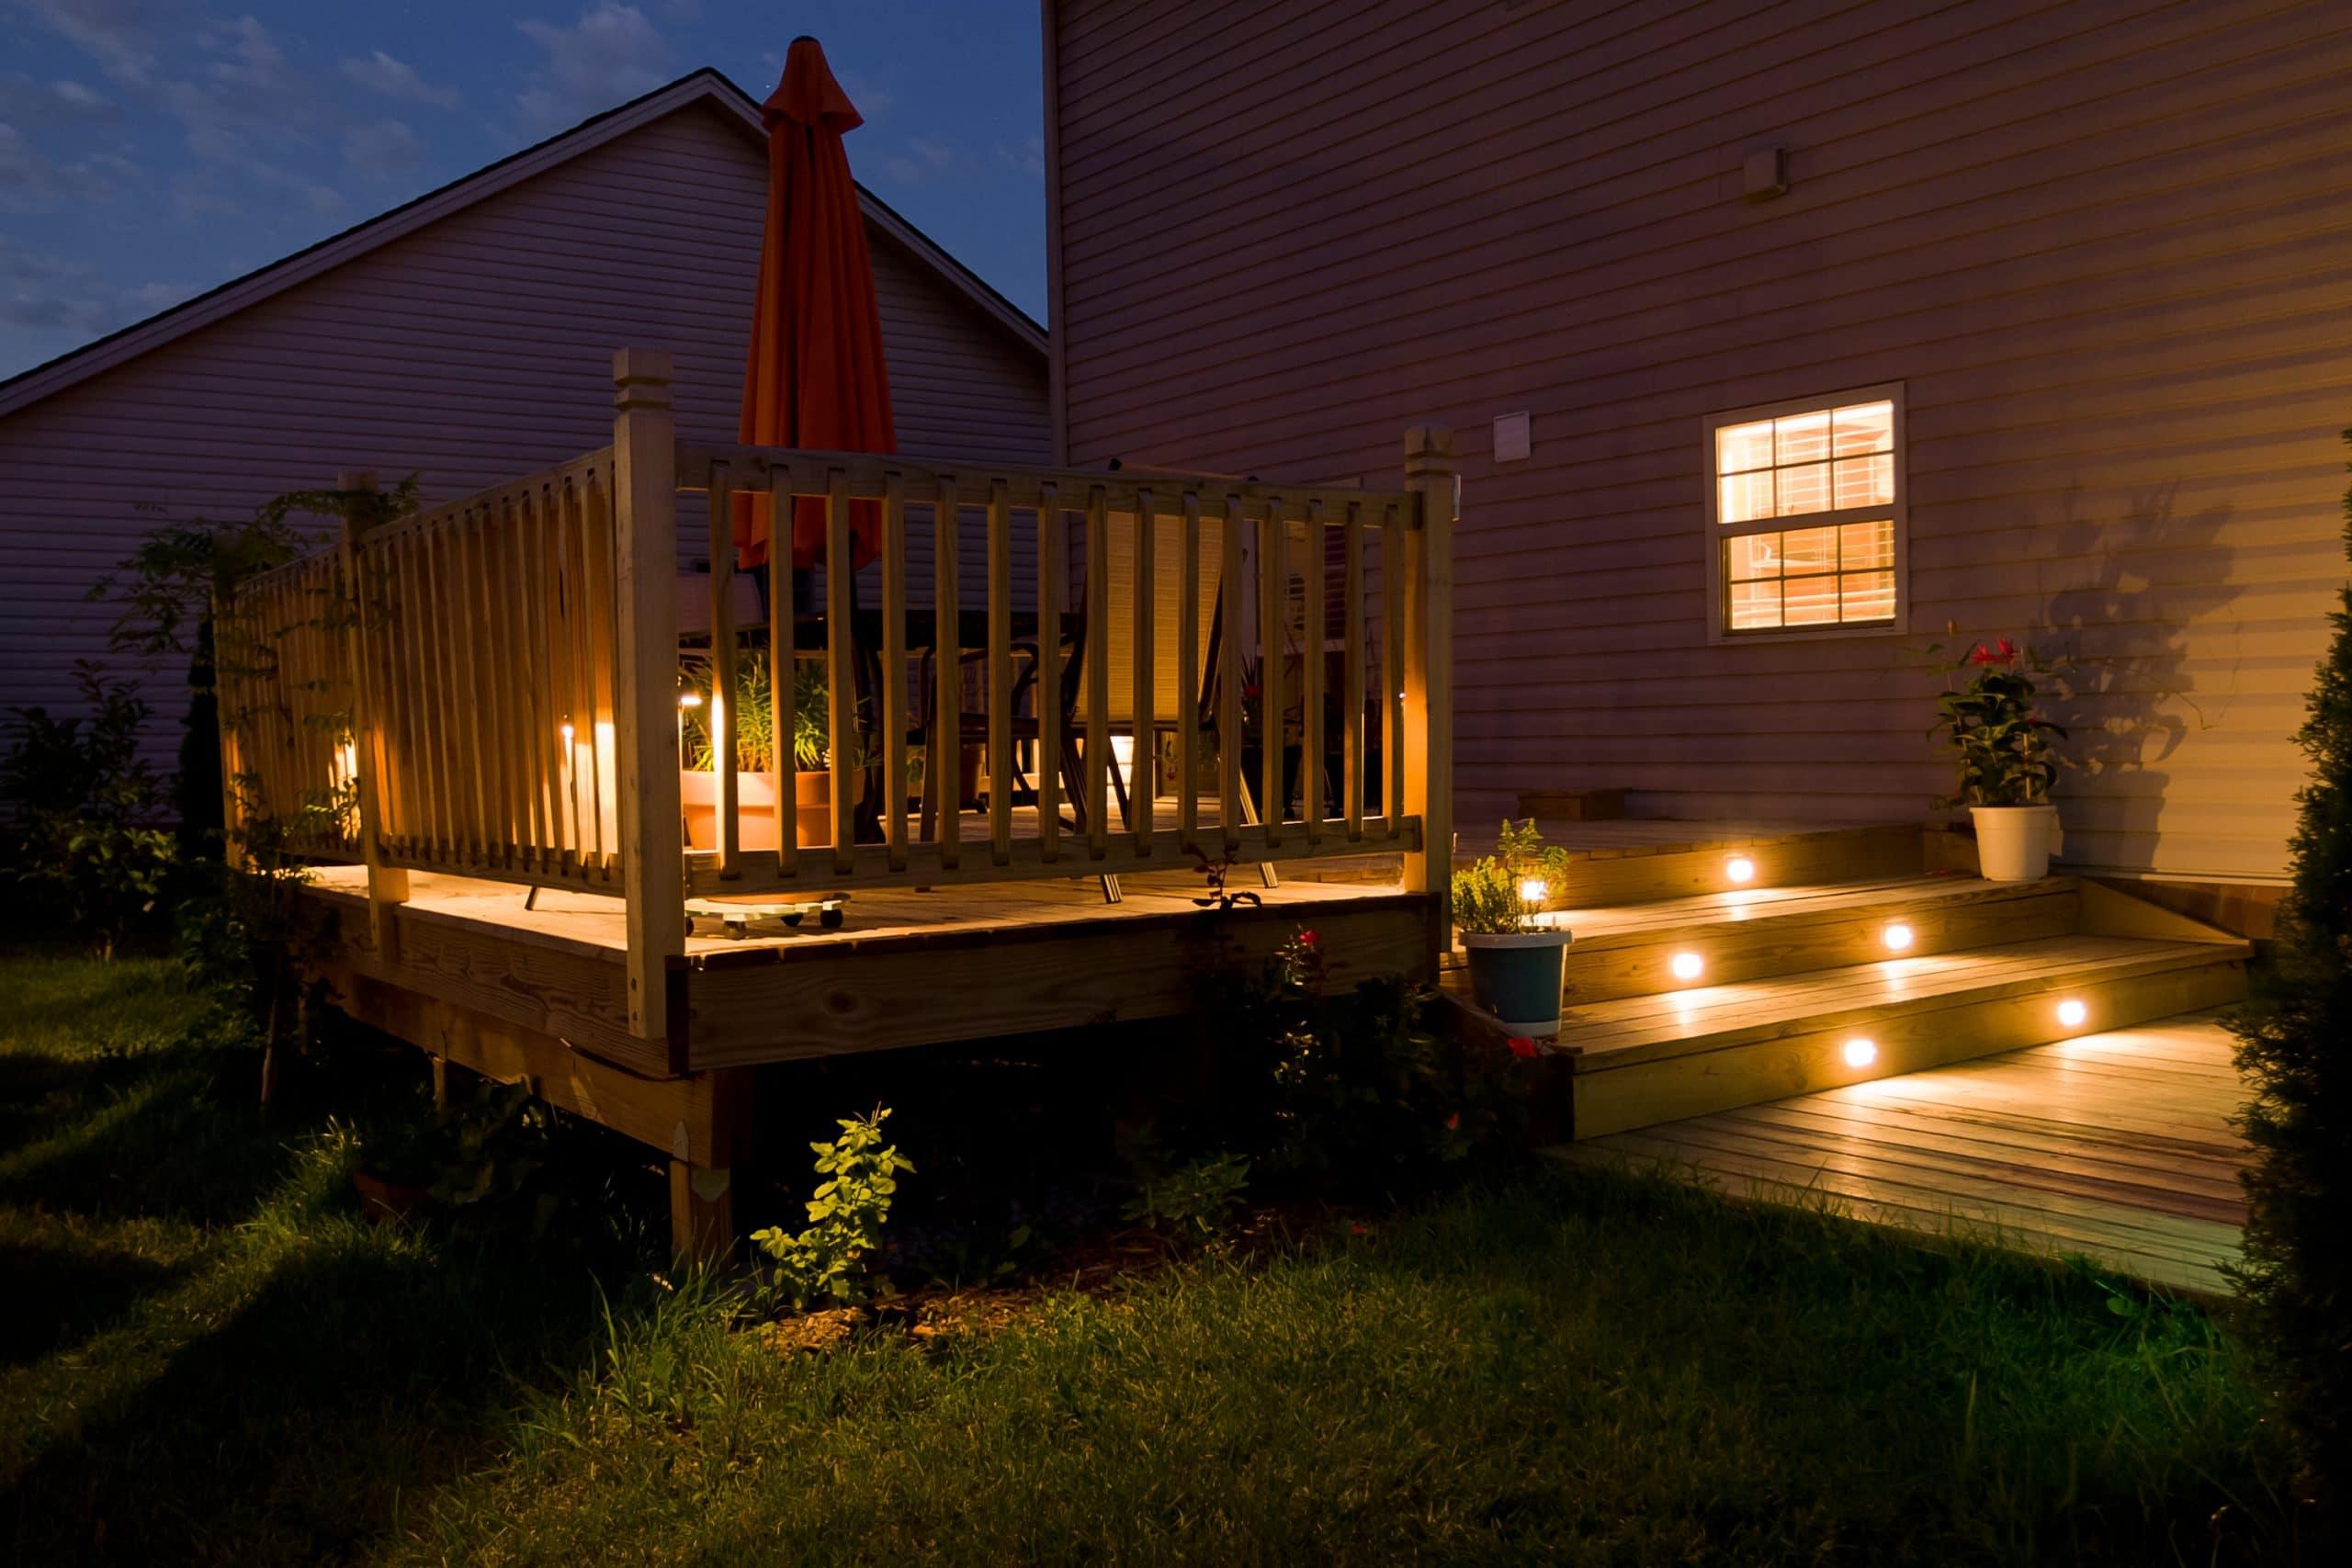 terrasse en bois avec spots incrustés